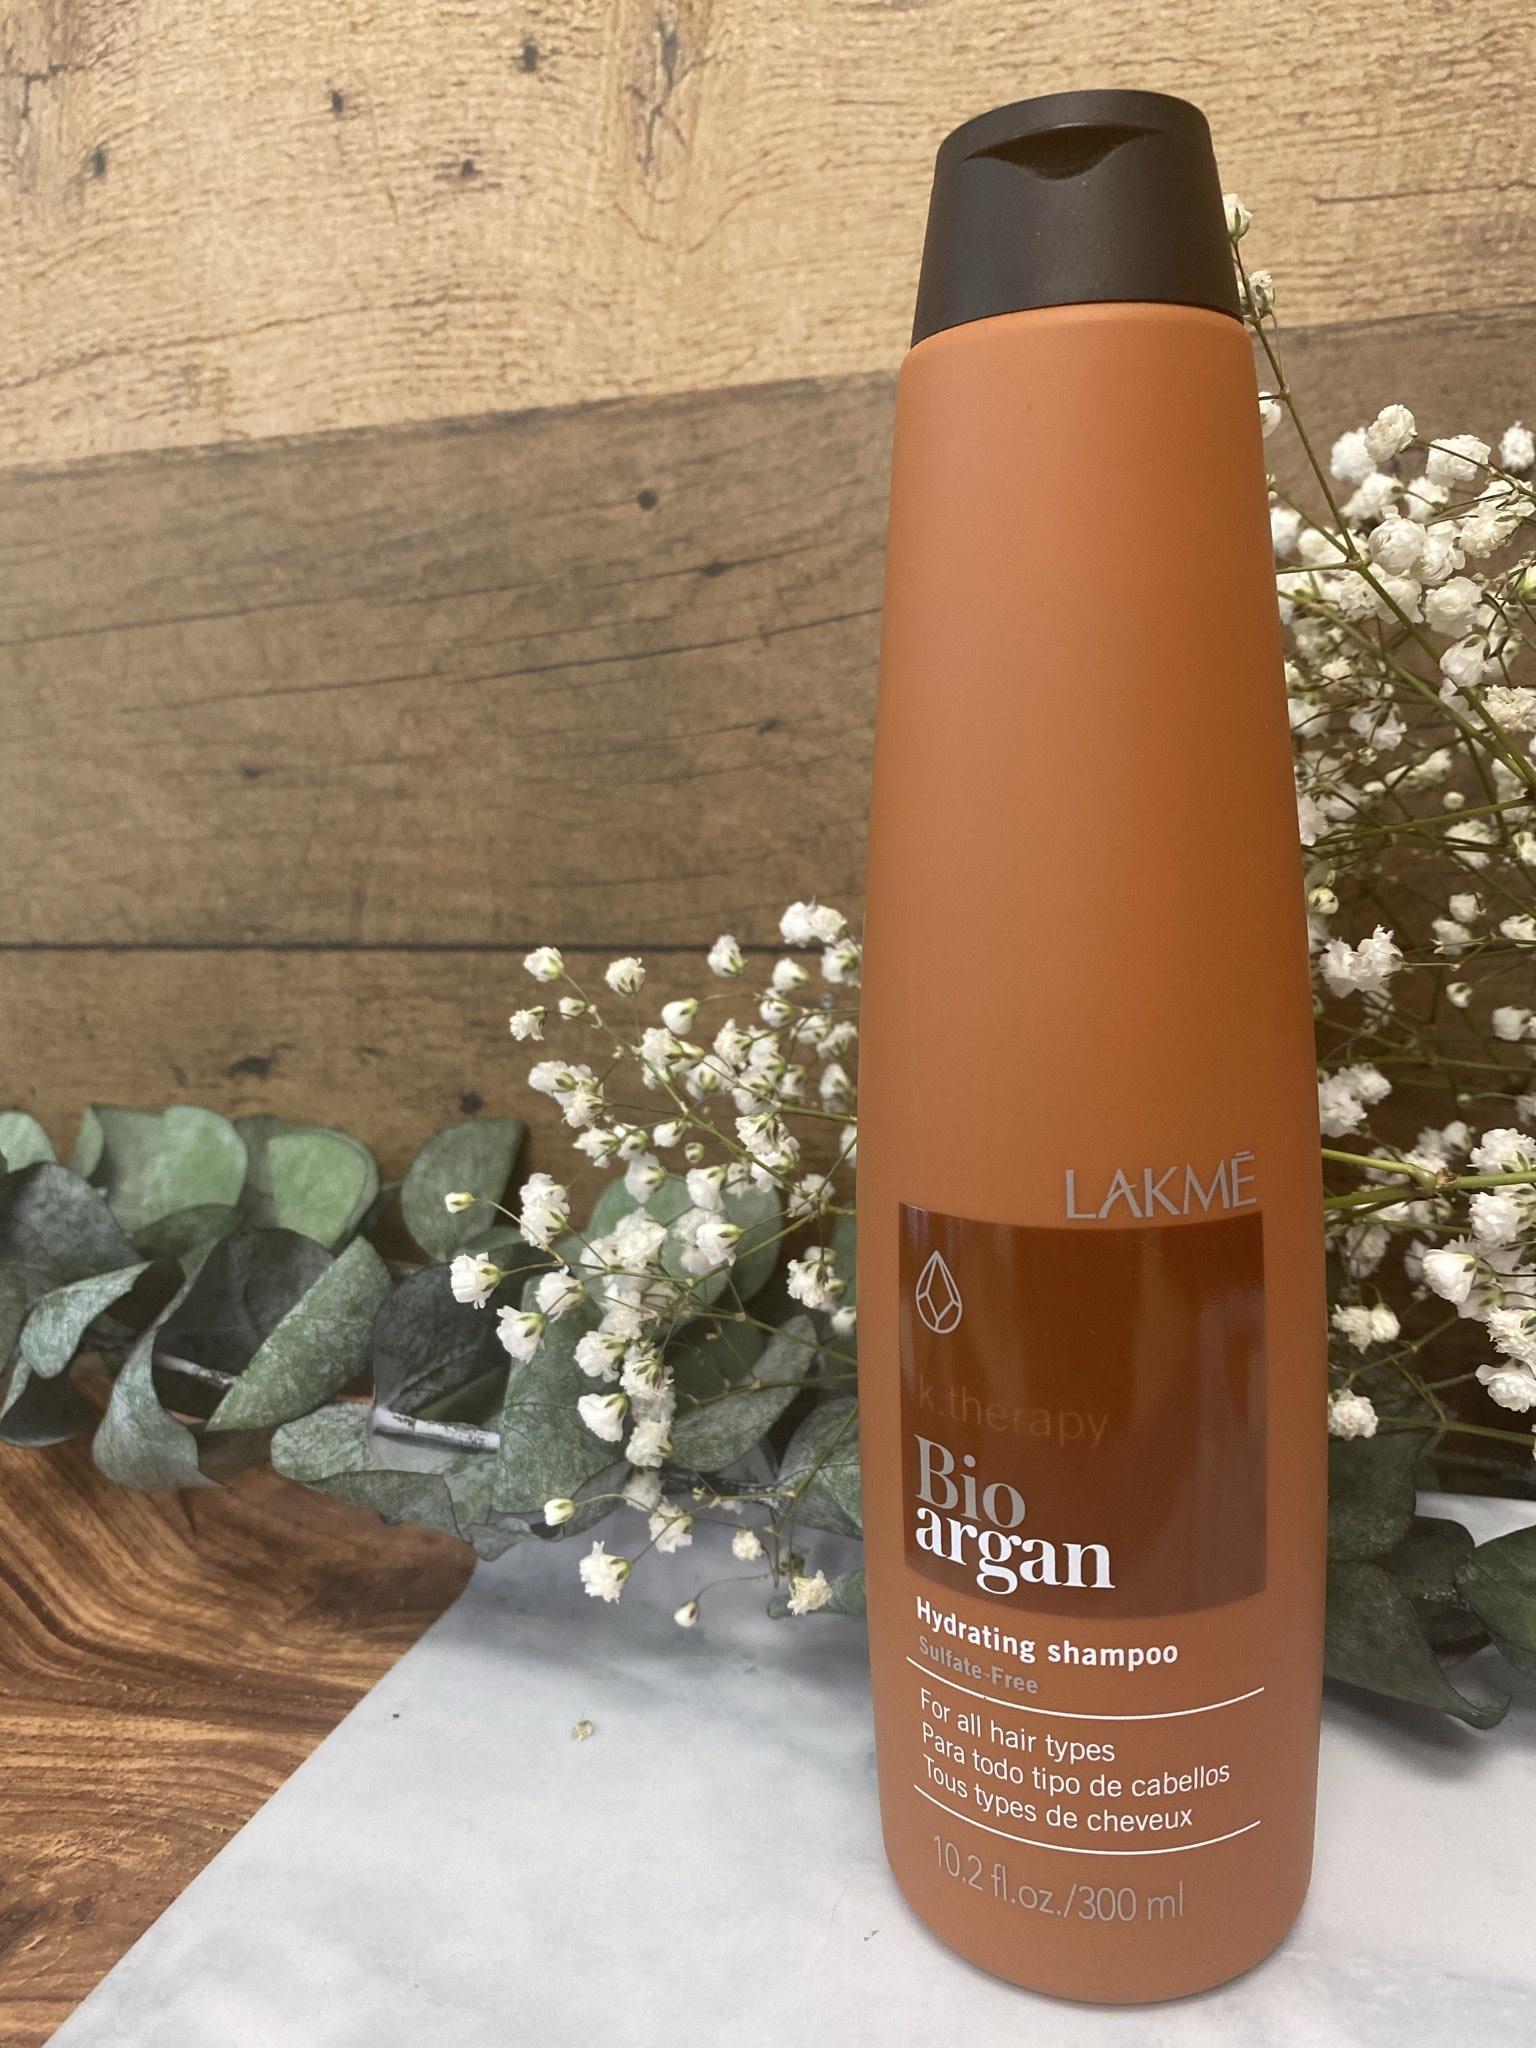 Lakmé K.THERAPY bio-argan shampooing 300ml